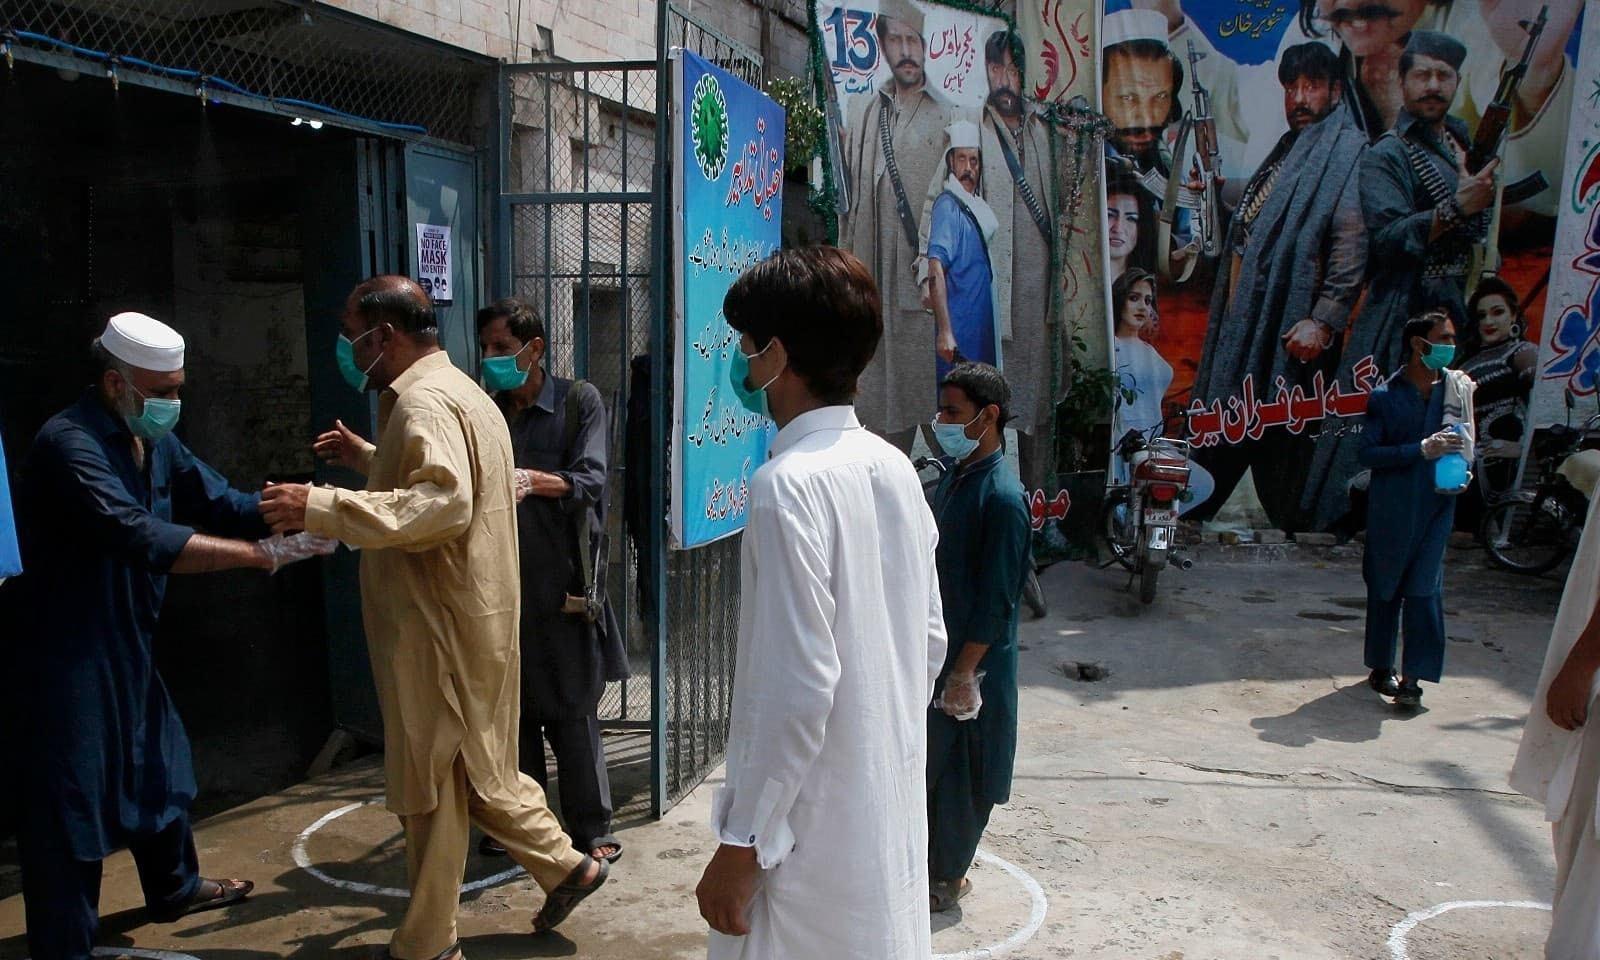 پشاور میں لوگ سینما میں داخل ہونے کیلئے سماجی فاصلہ برقرار رکھے ہوئے ہیں —فوٹو: اے پی